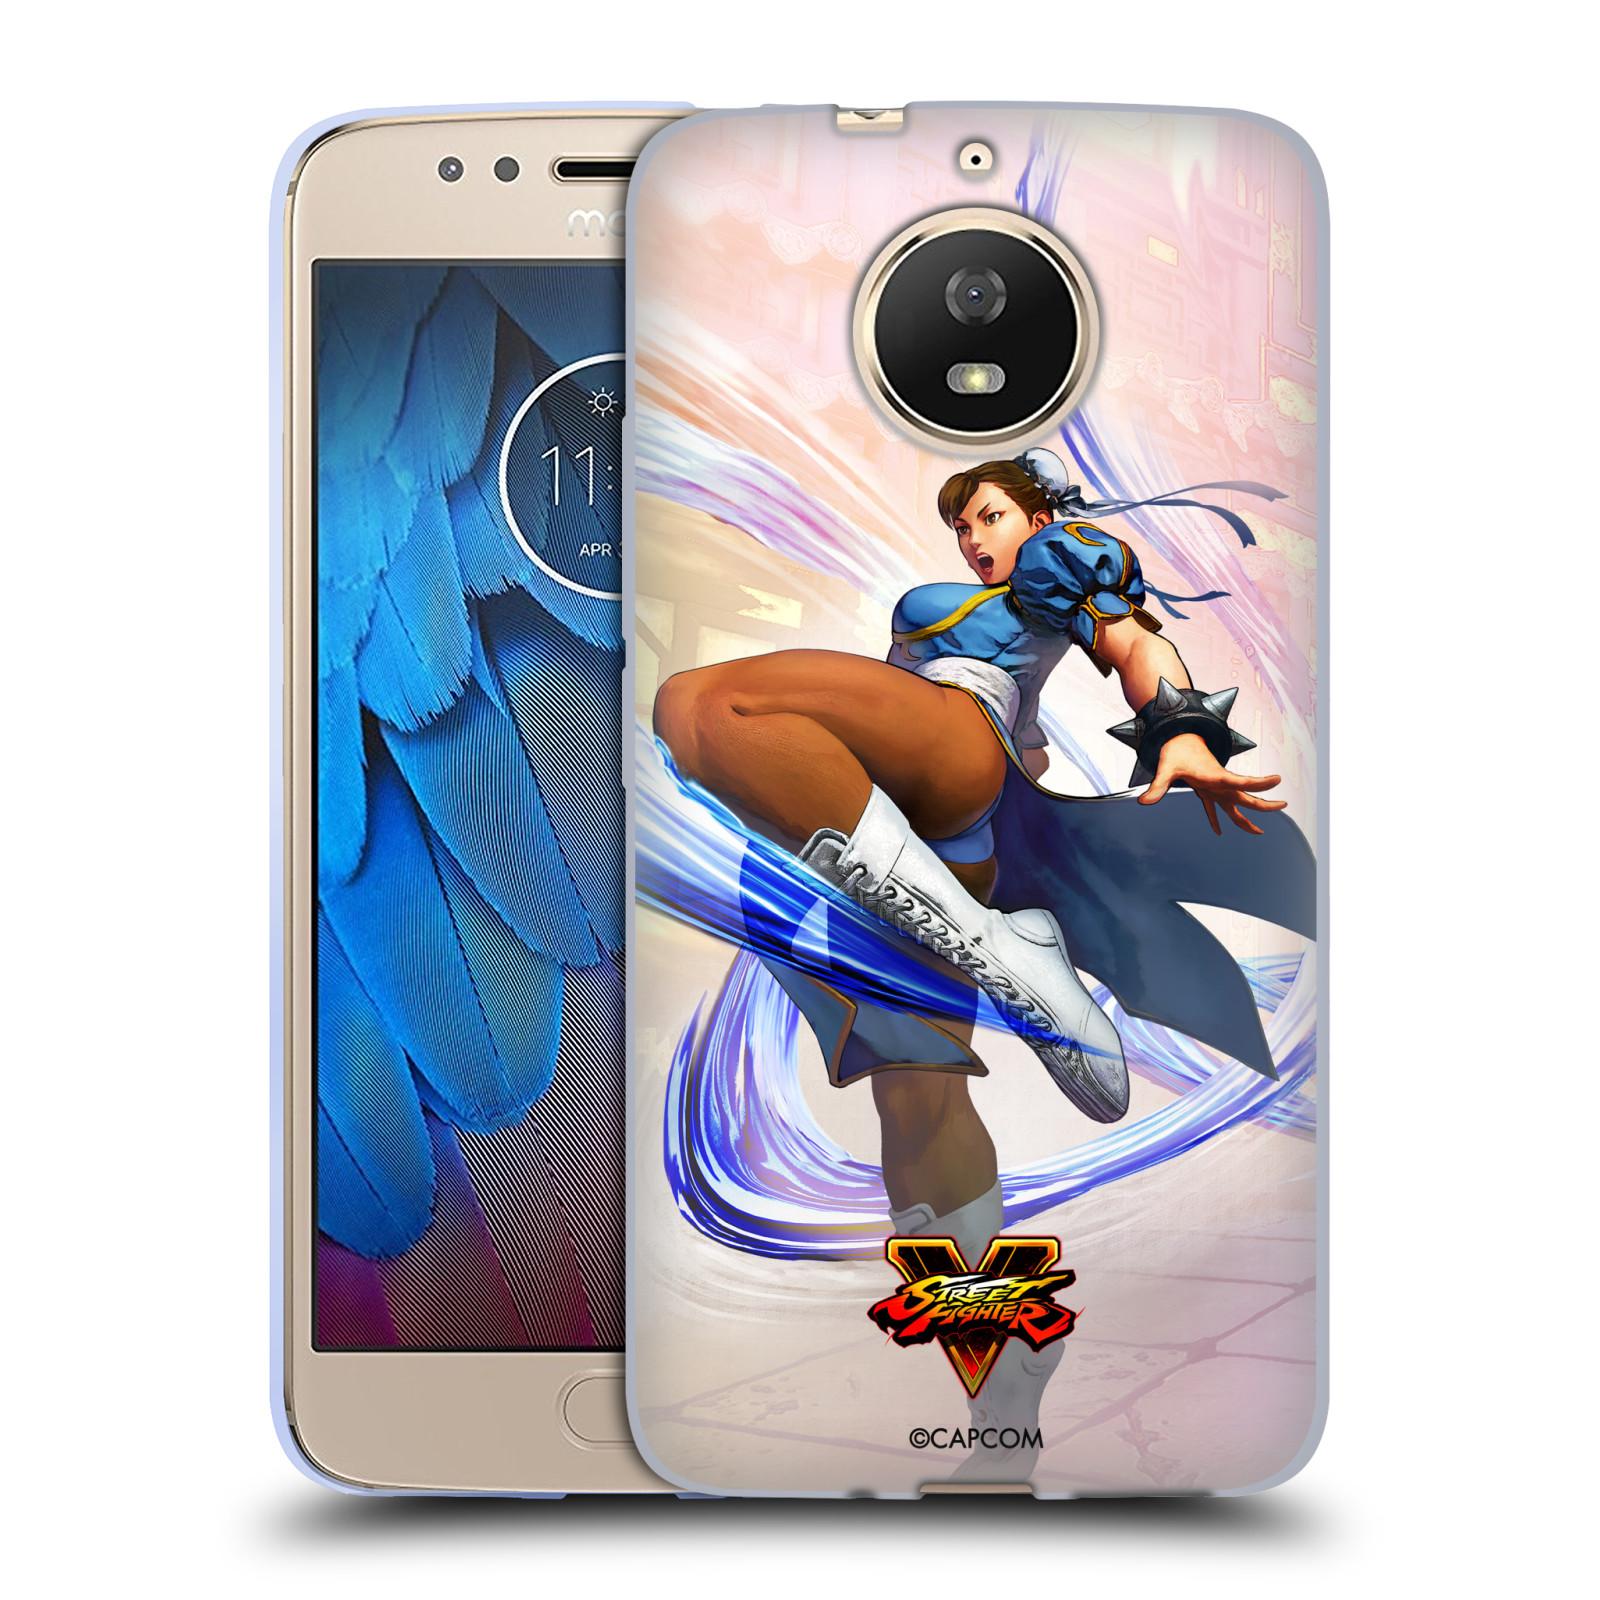 HEAD CASE silikonový obal na mobil Lenovo Moto G5s oficiální kryt STREET FIGHTER bojovnice Chun-Li